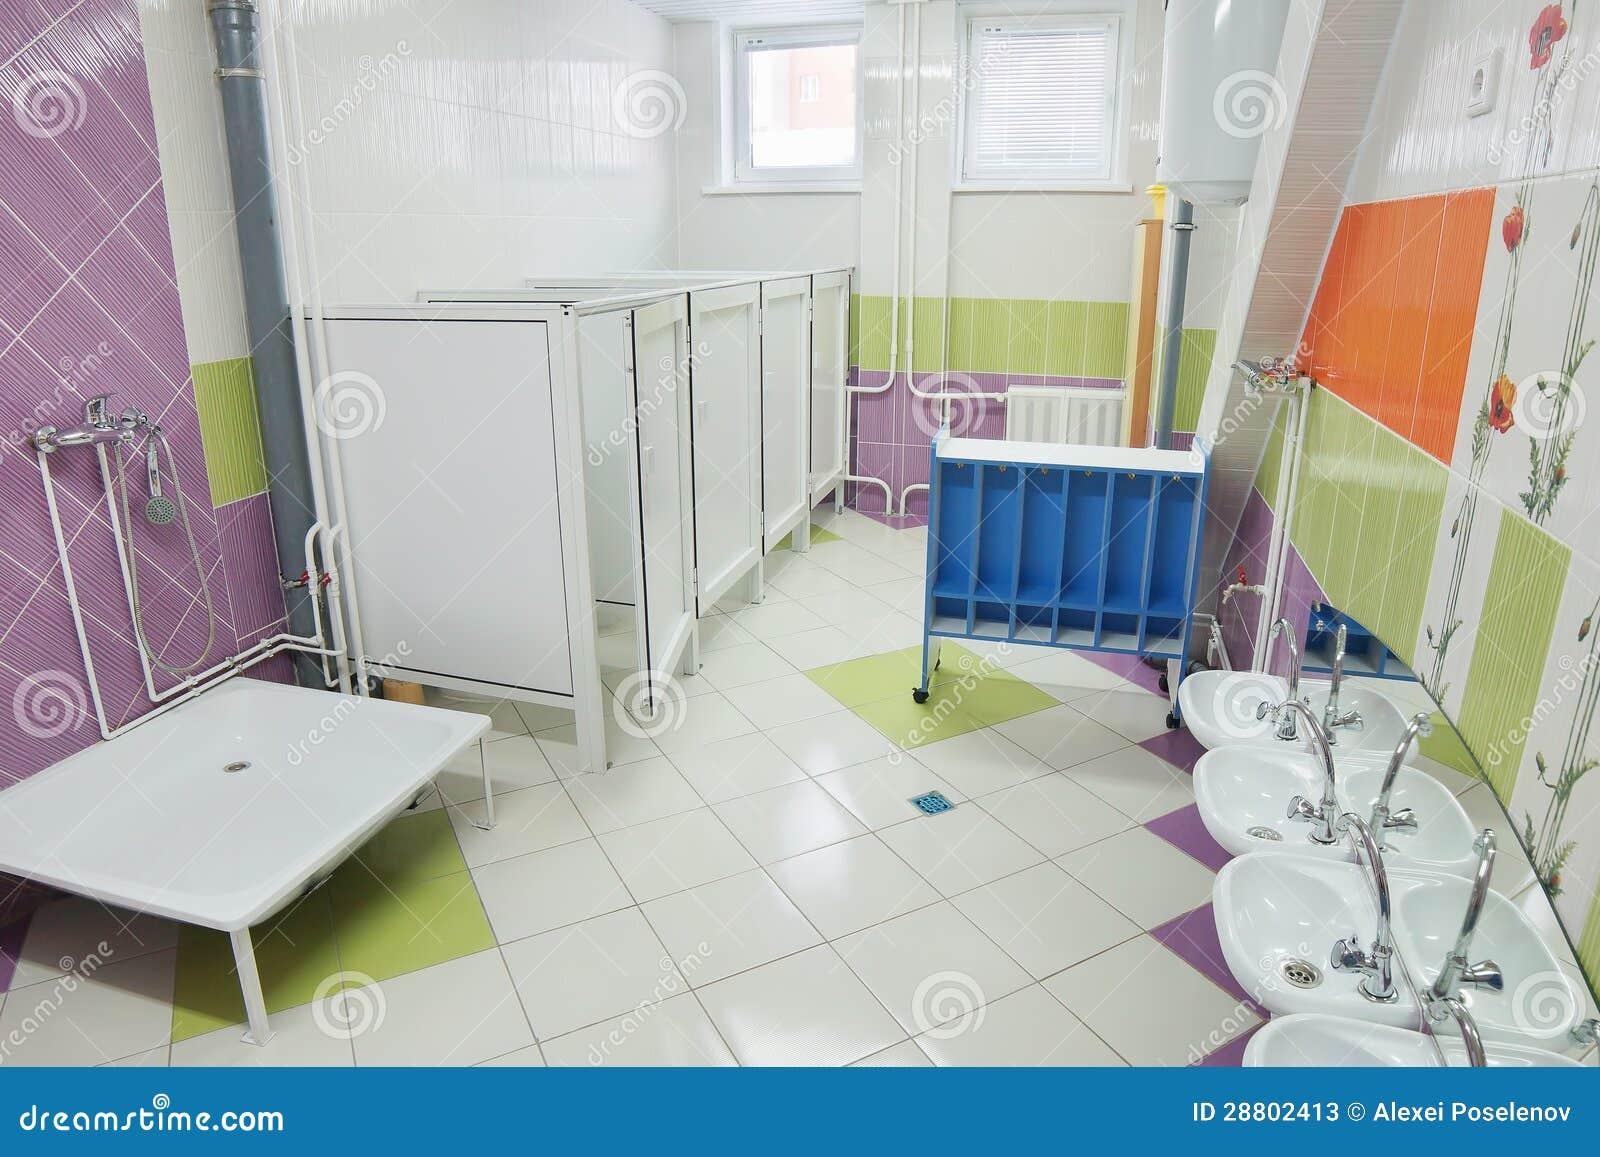 Bathroom in a preschool stock photos image 28802413 for Preschool bathroom ideas